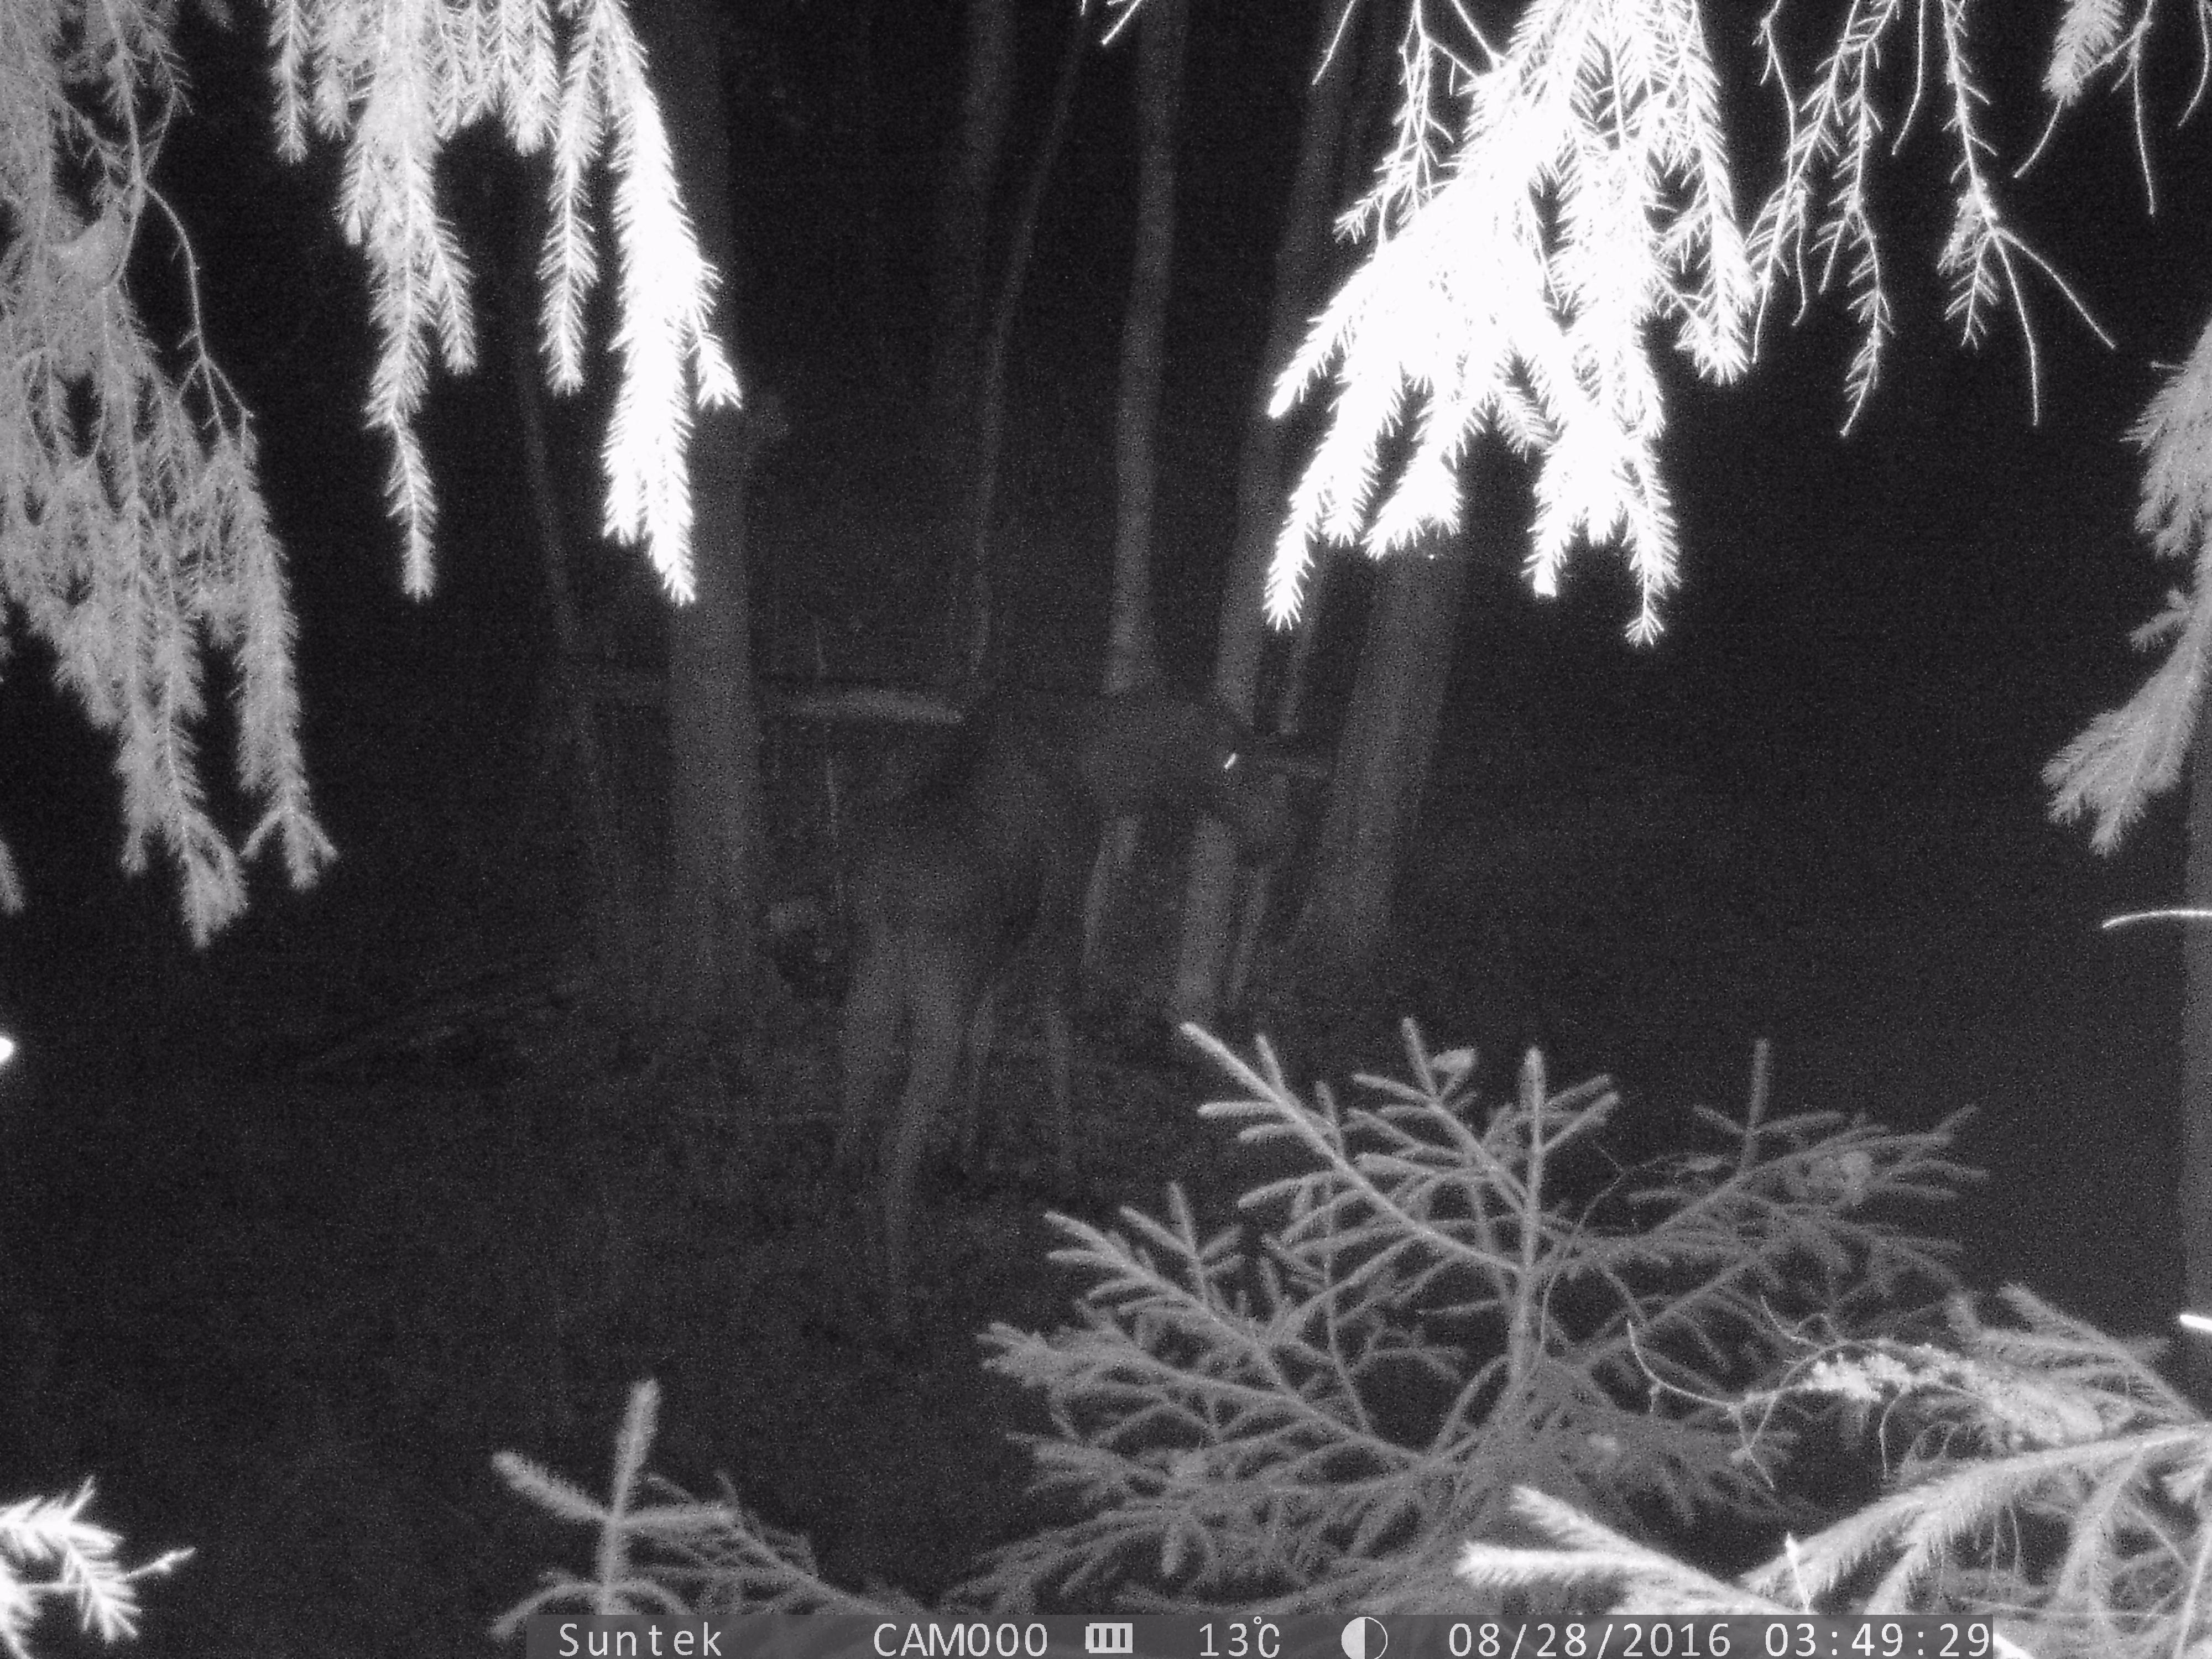 Работа лесной камеры suntek